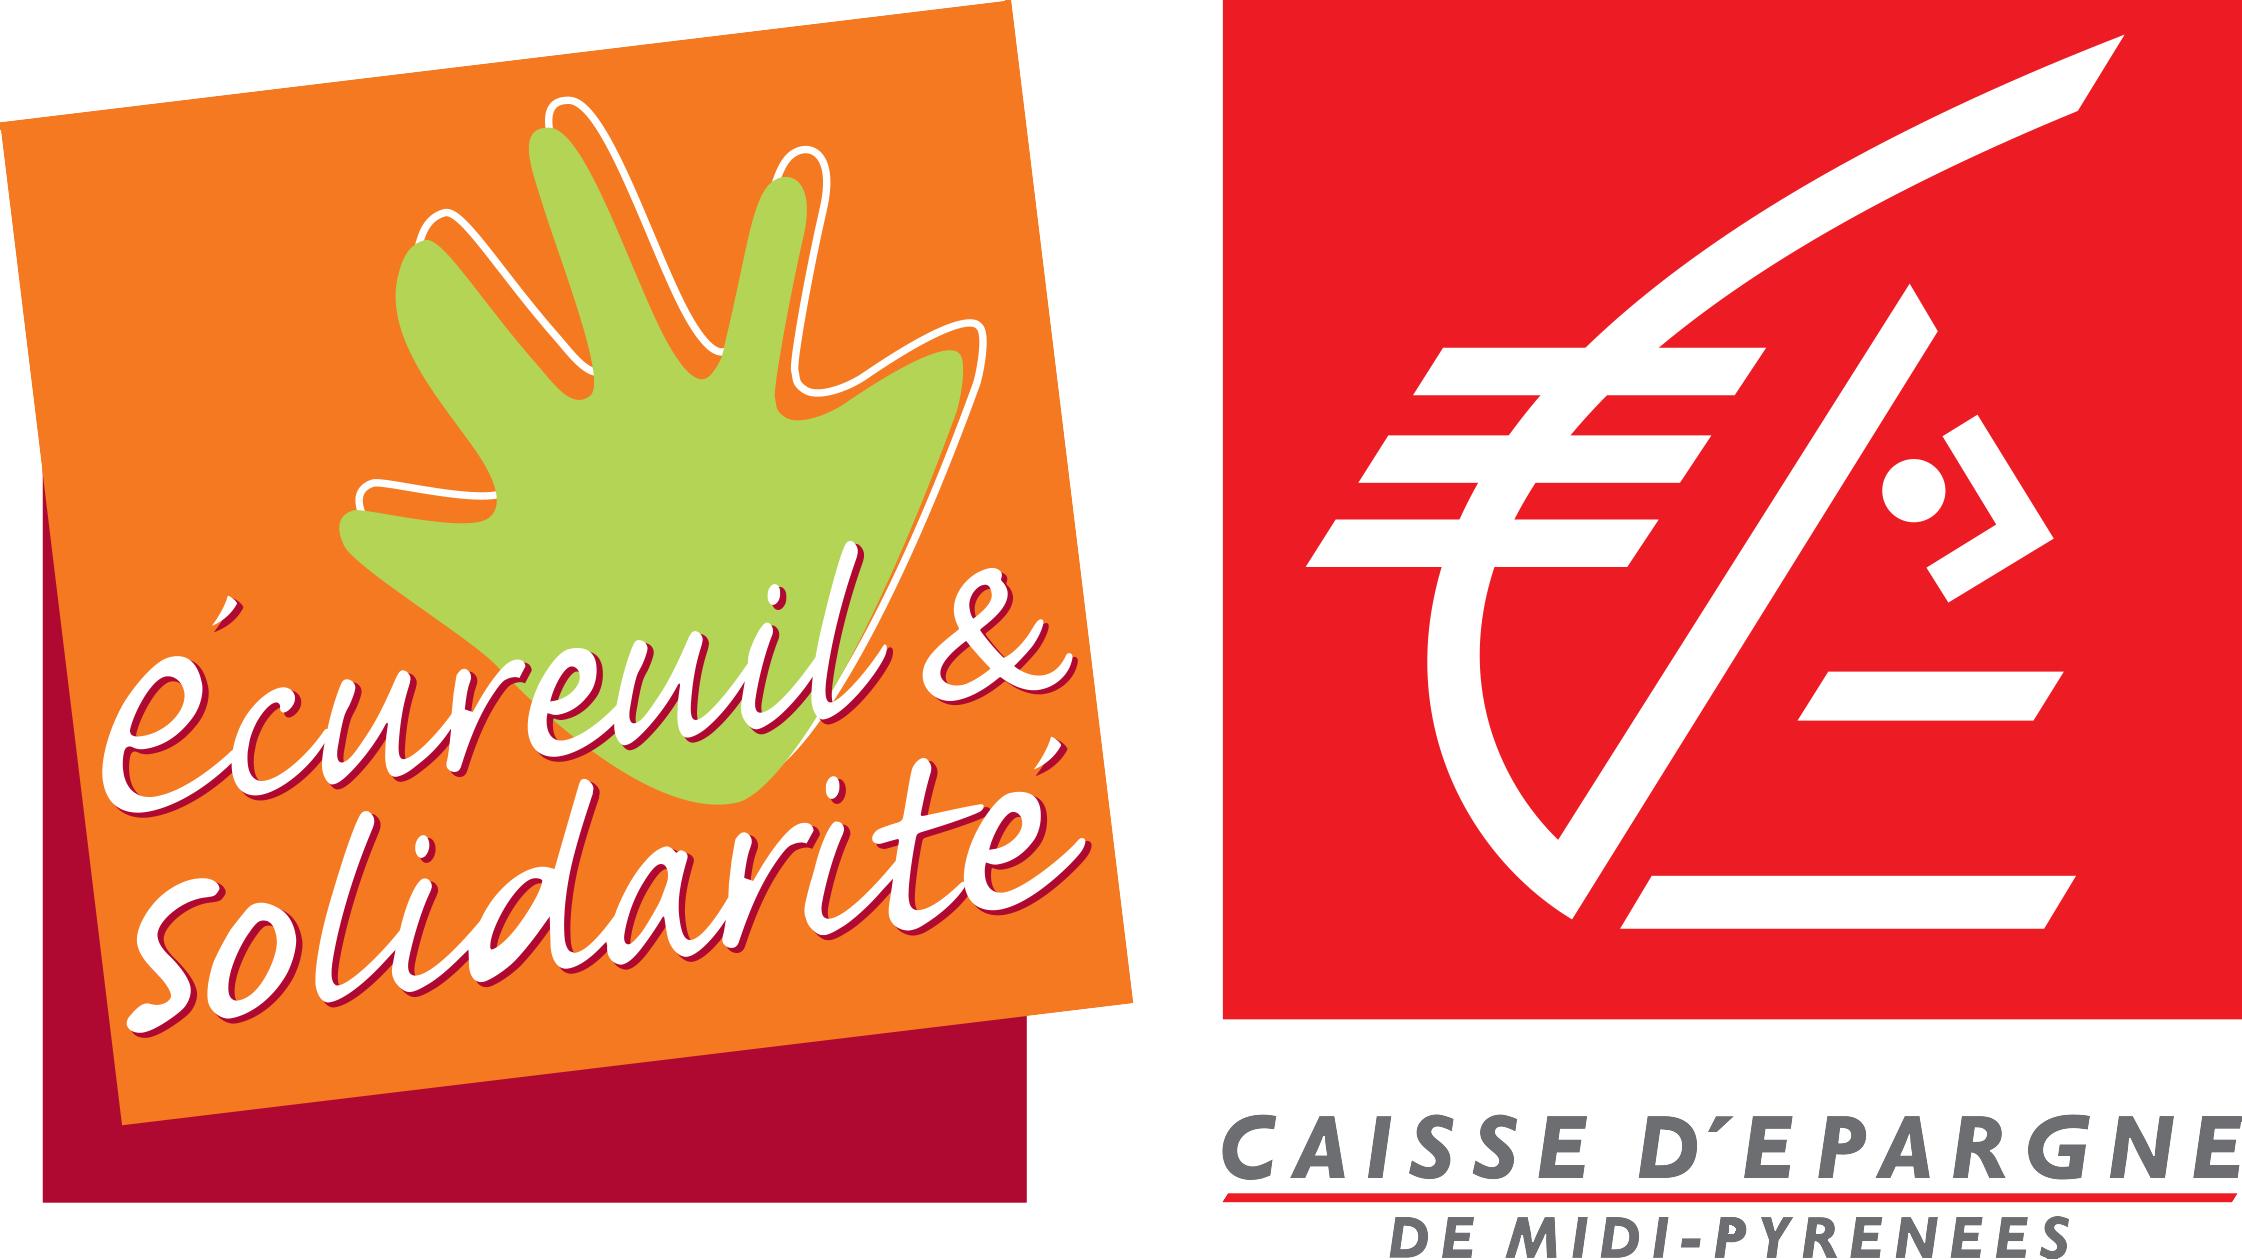 Mutuelle nationale des sapeurs-pompiers de France - CMUC